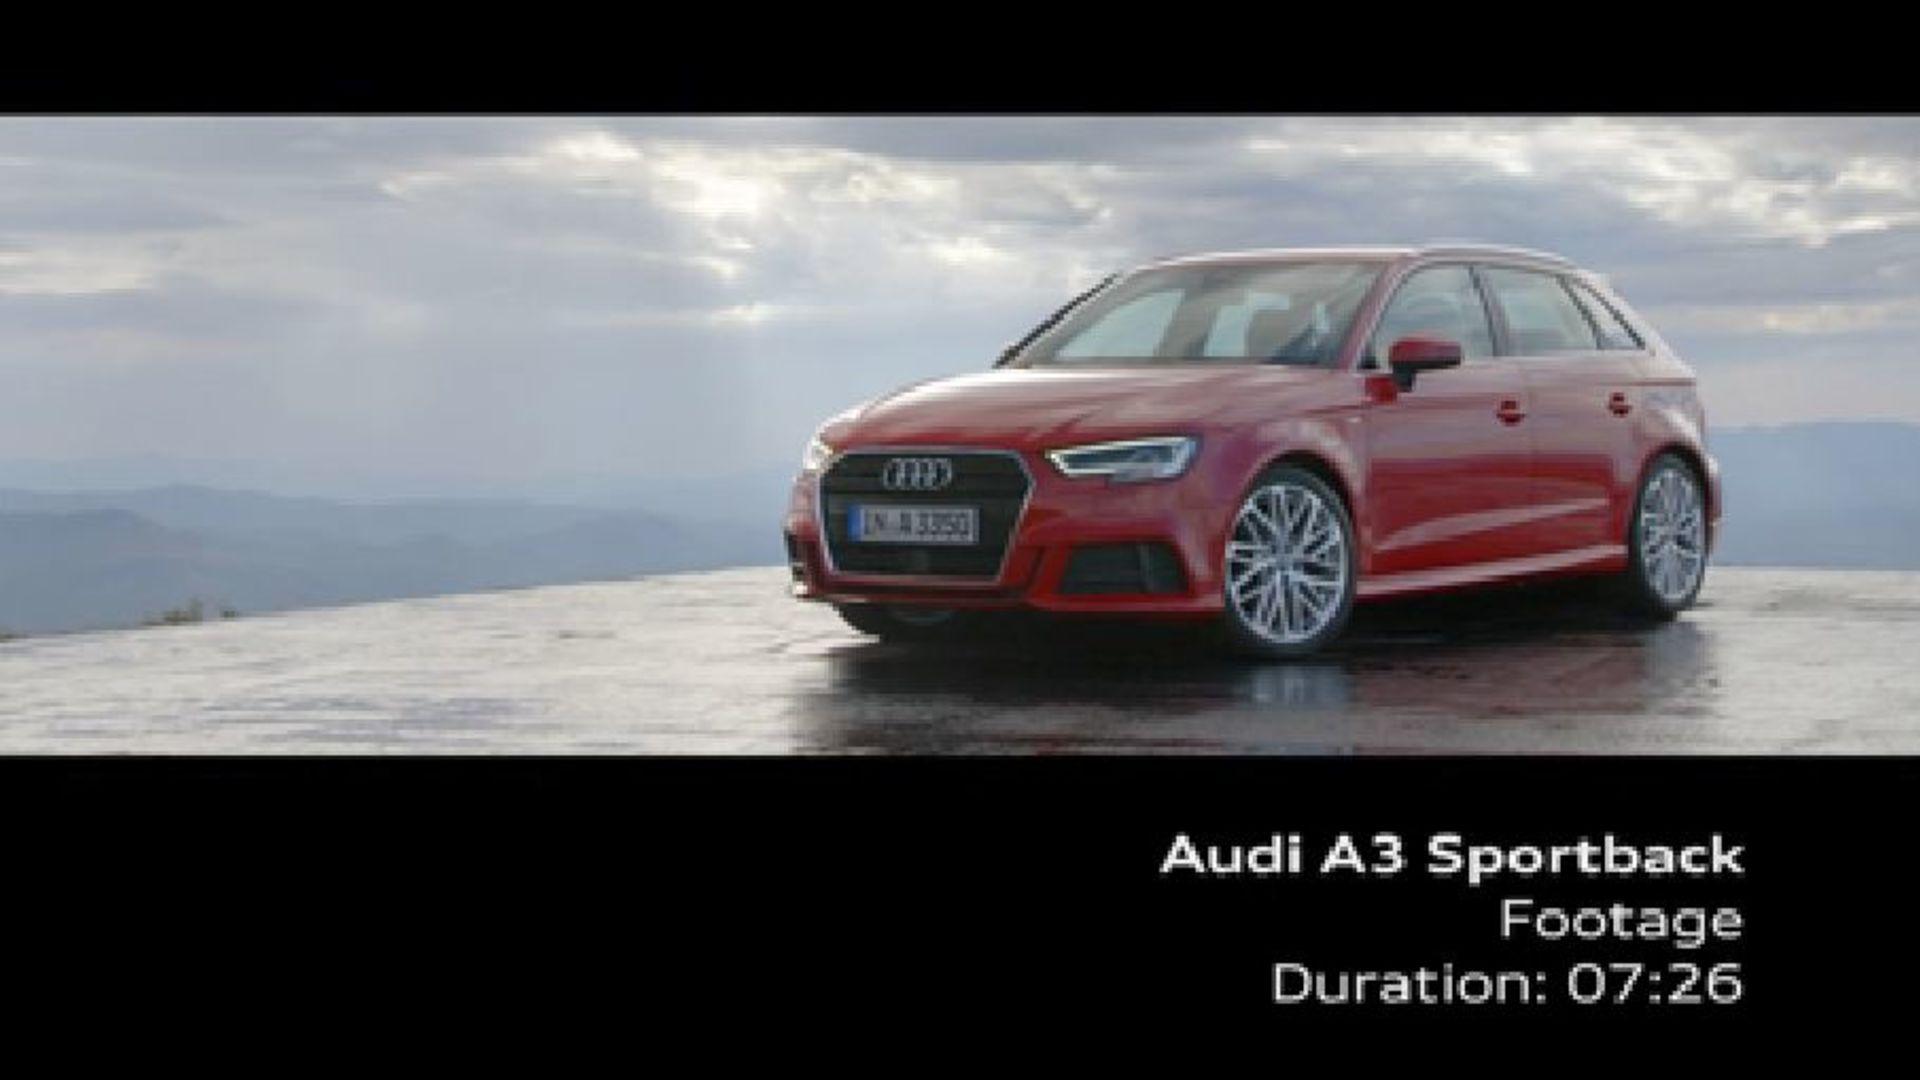 Audi A3 Sportback - Footage